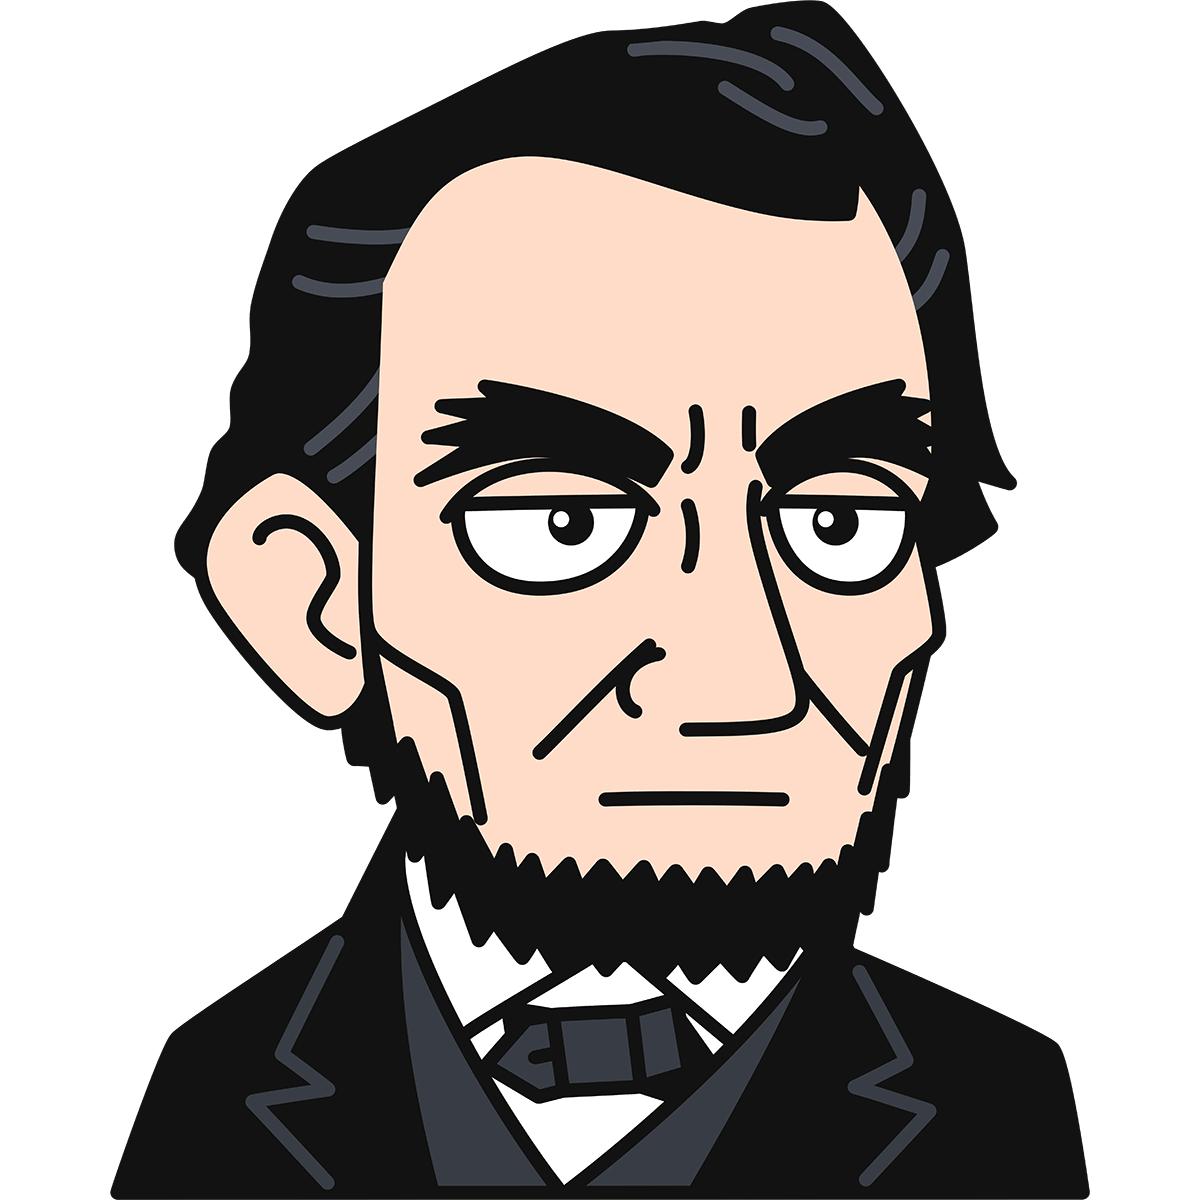 リンカーン大統領の無料イラスト